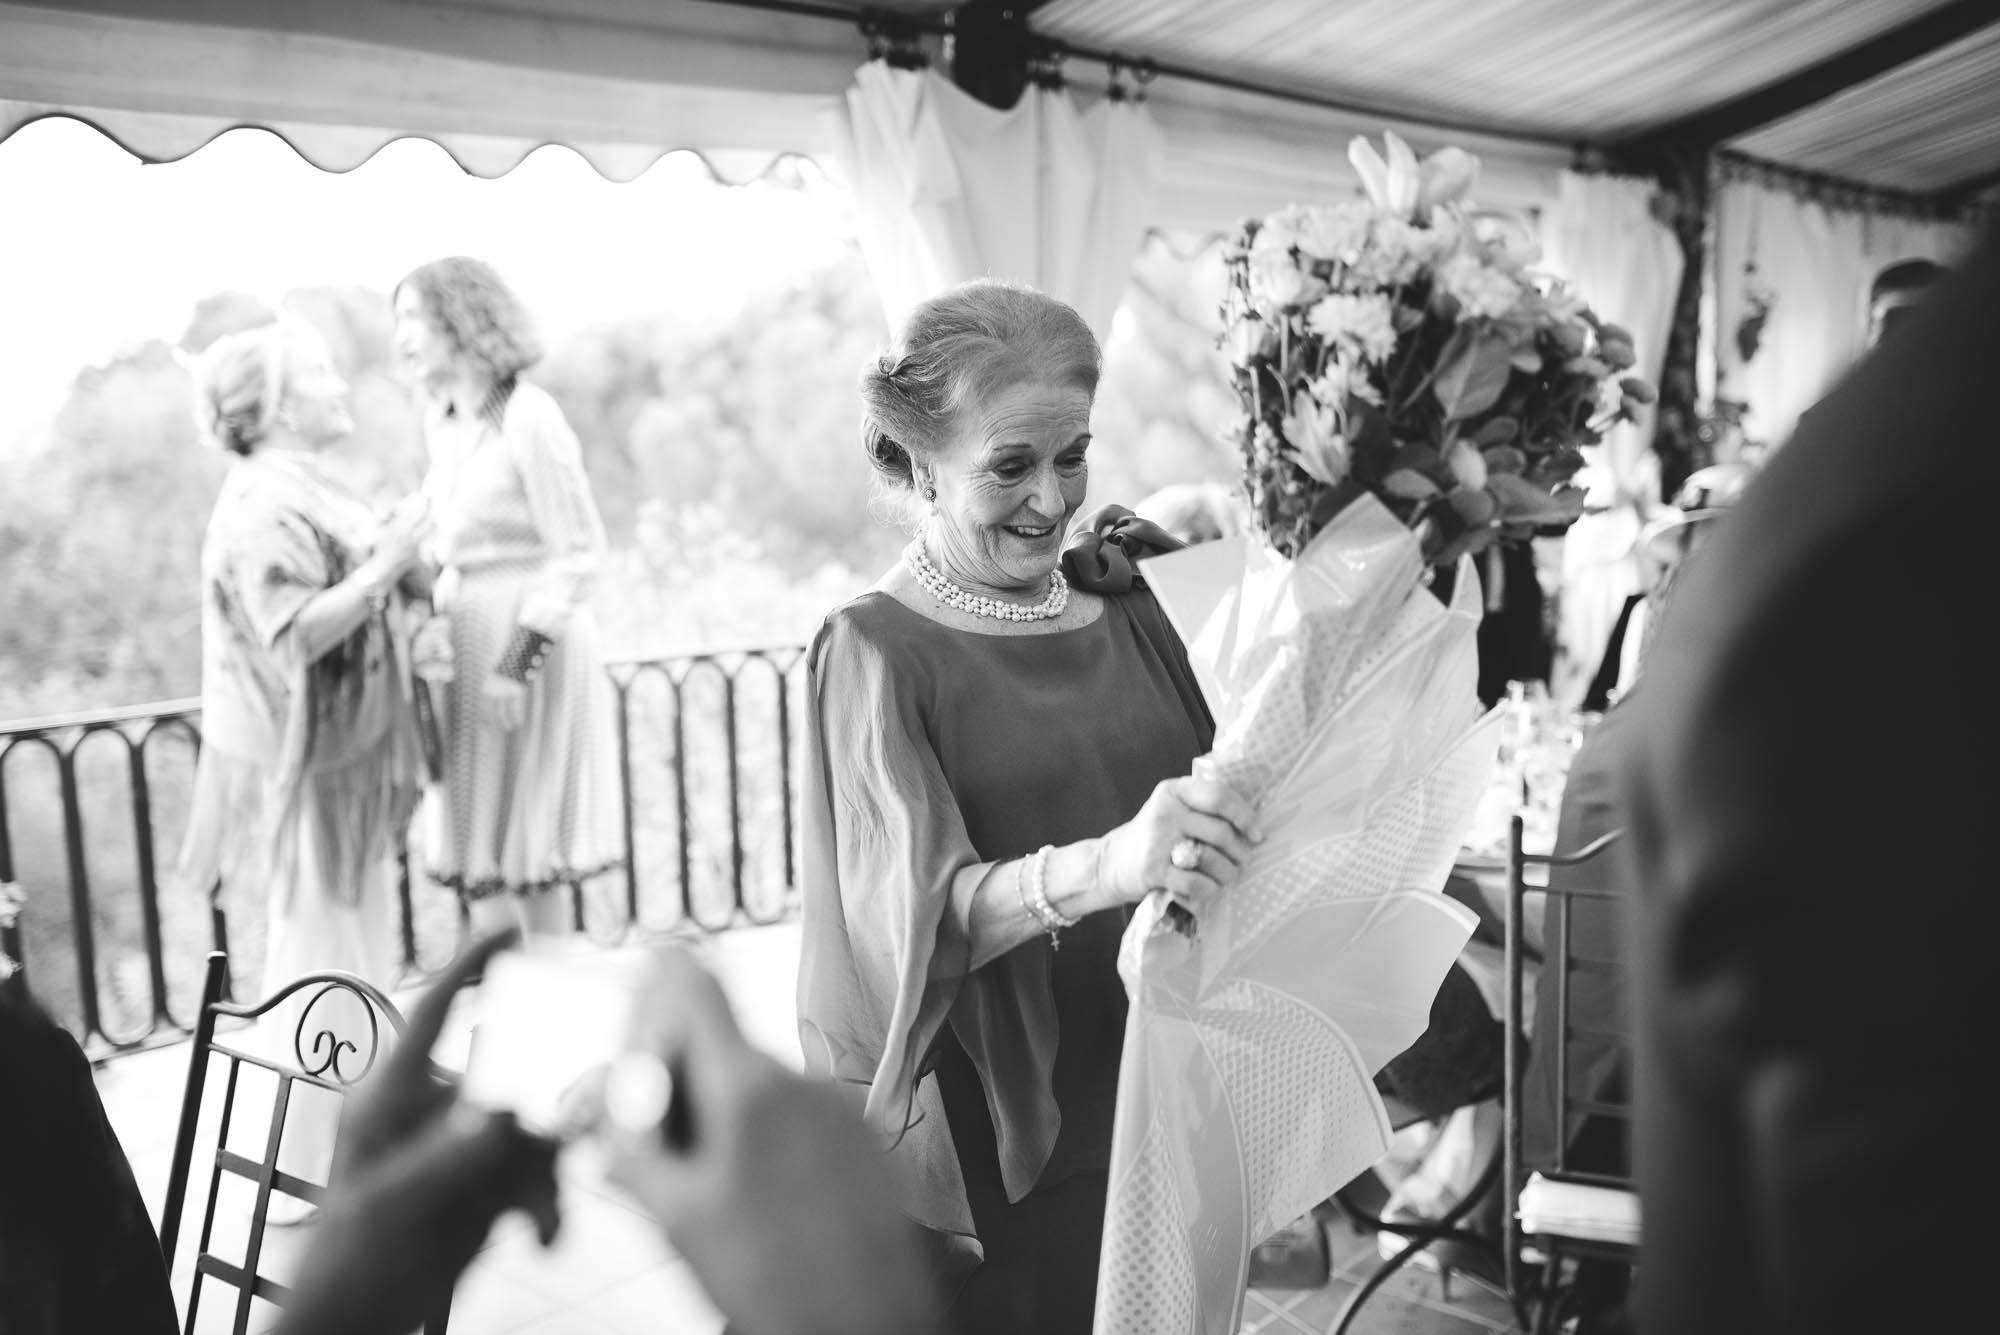 La madre recibe el ramo regalo de la novia